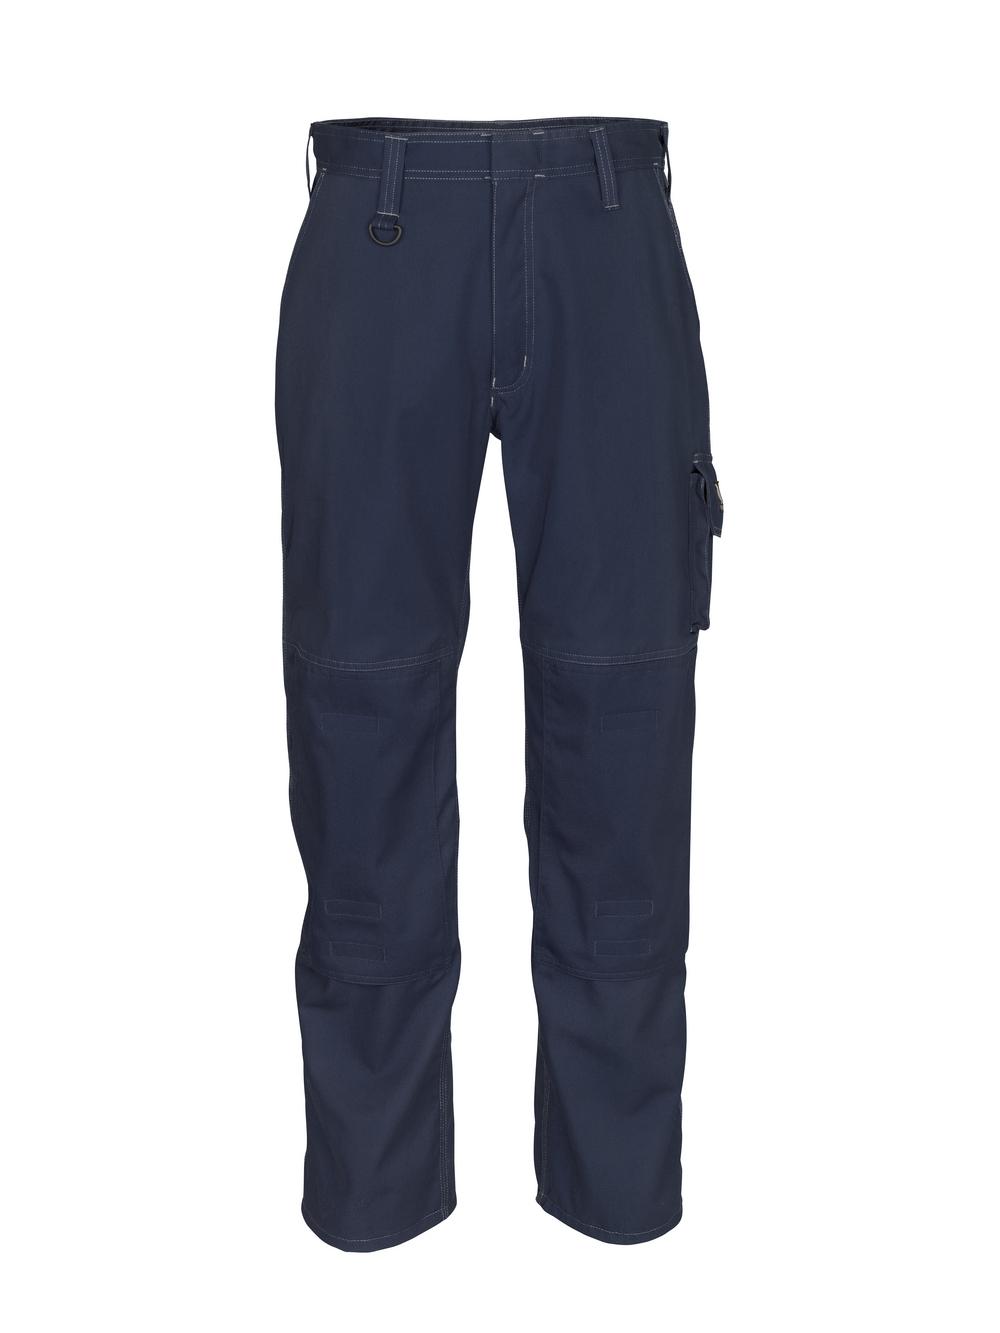 10579-442-010 Arbeitshose - Schwarzblau